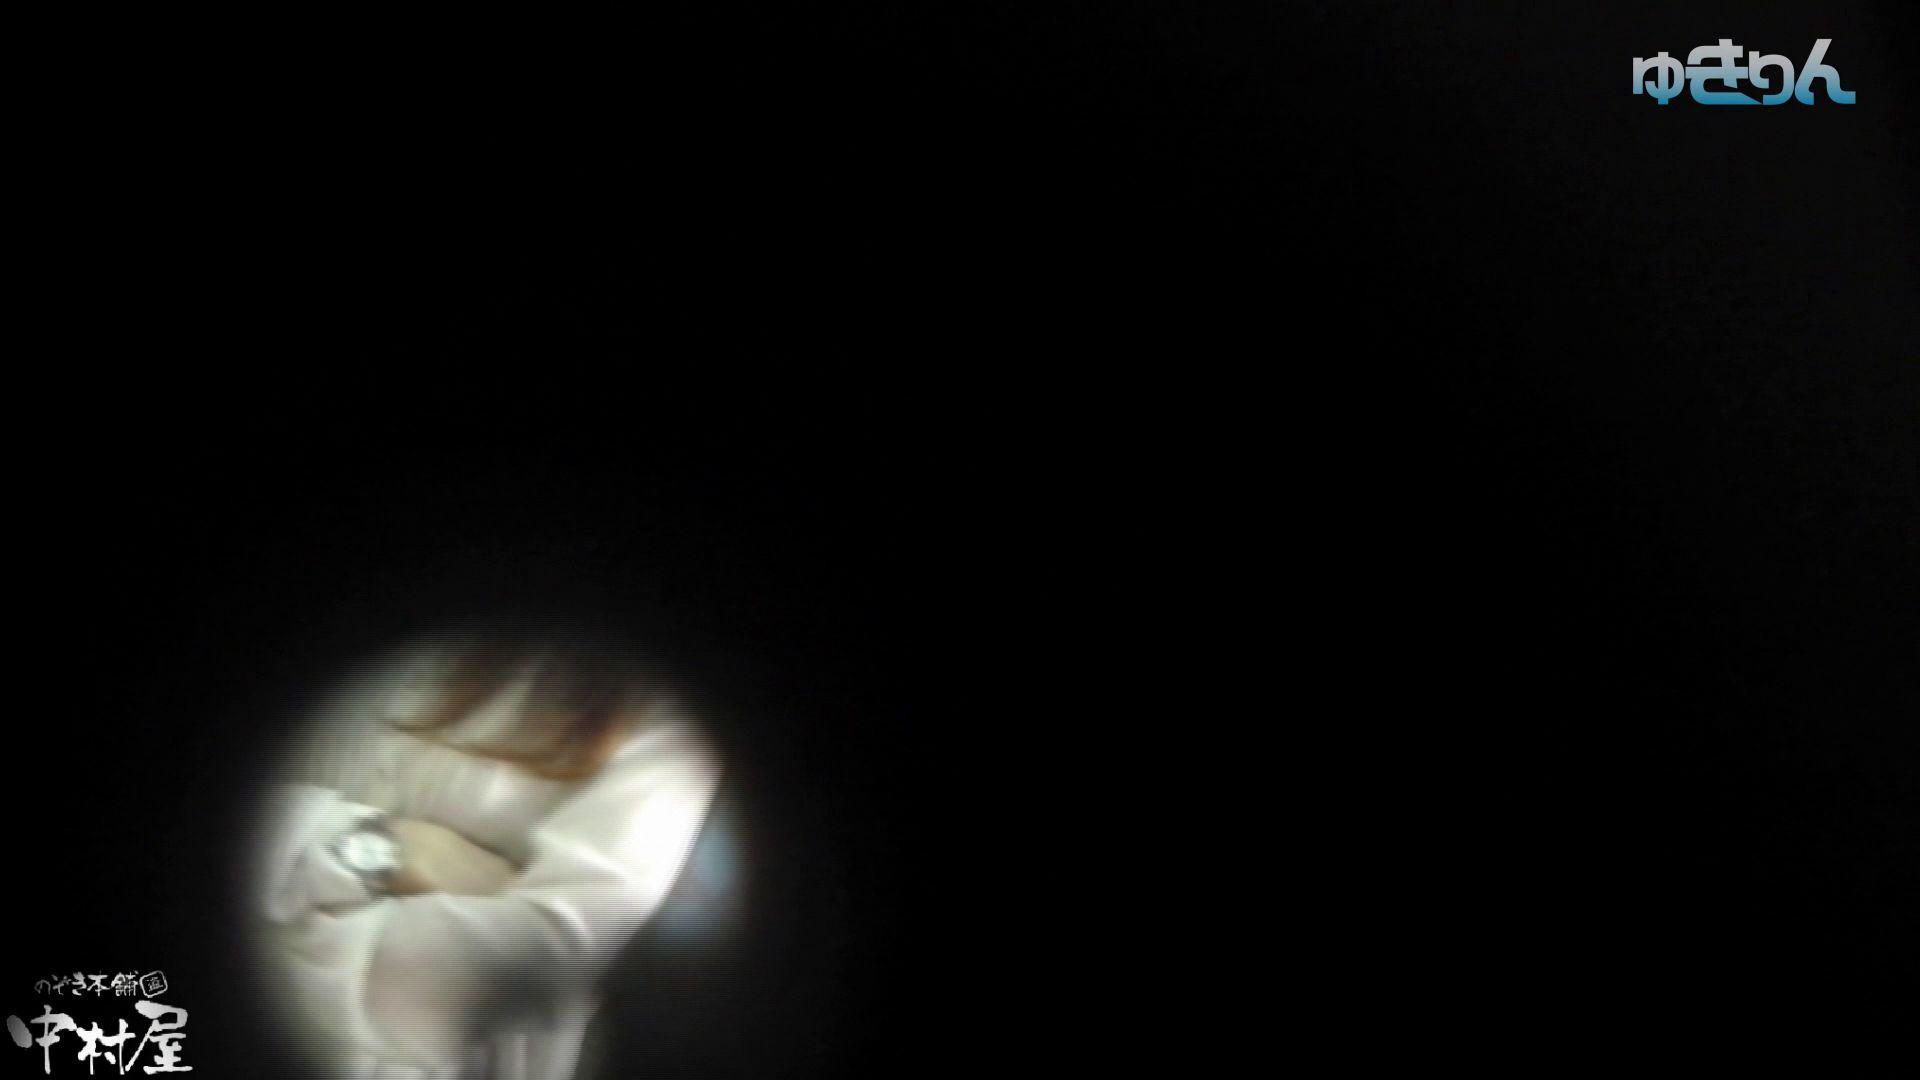 【世界の射窓から~ステーション編~】ステーション編 vol54 便秘のせいで長蛇の列、じっくり撮らせて頂きました 盗撮シリーズ | おまんこ見放題  79PIX 75